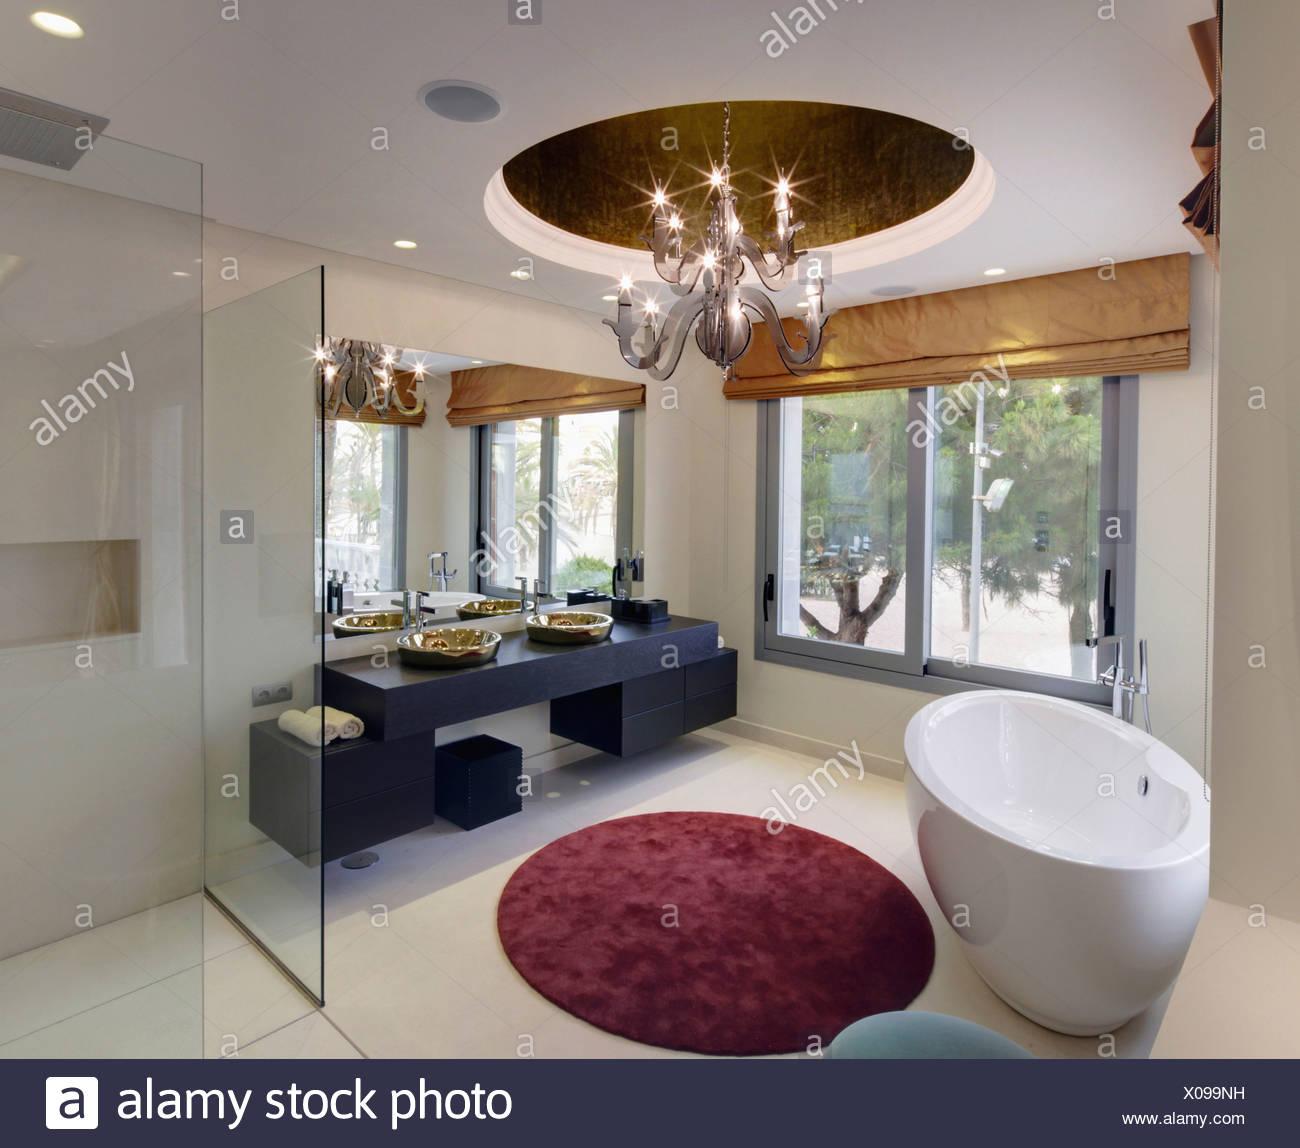 Baignoire sur pied ovale et circulaire tapis dans une salle de bains ...